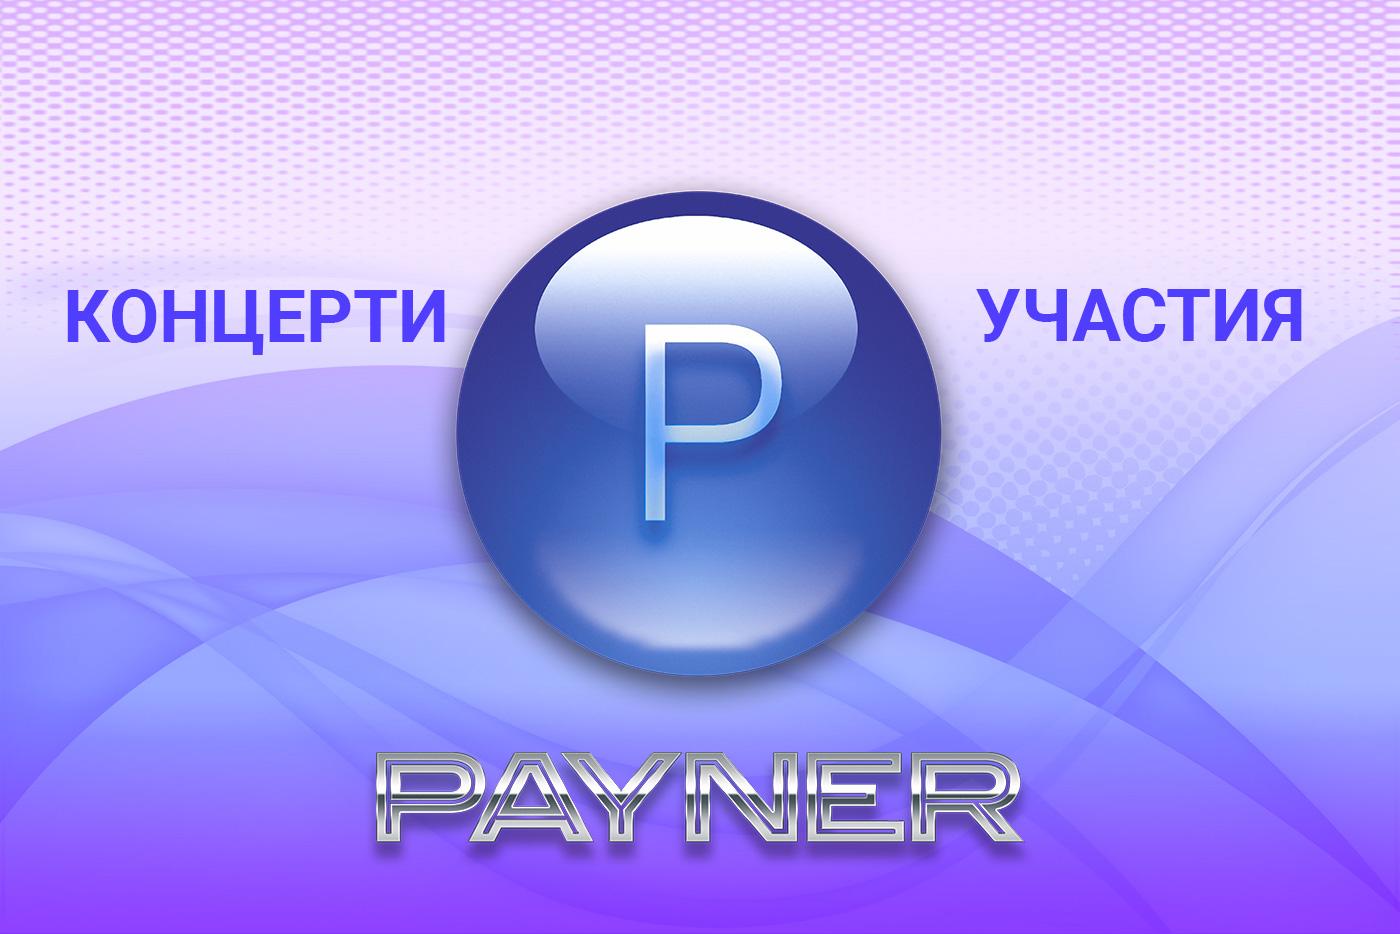 """Участия на звездите на """"Пайнер"""" на 12.02.2020"""